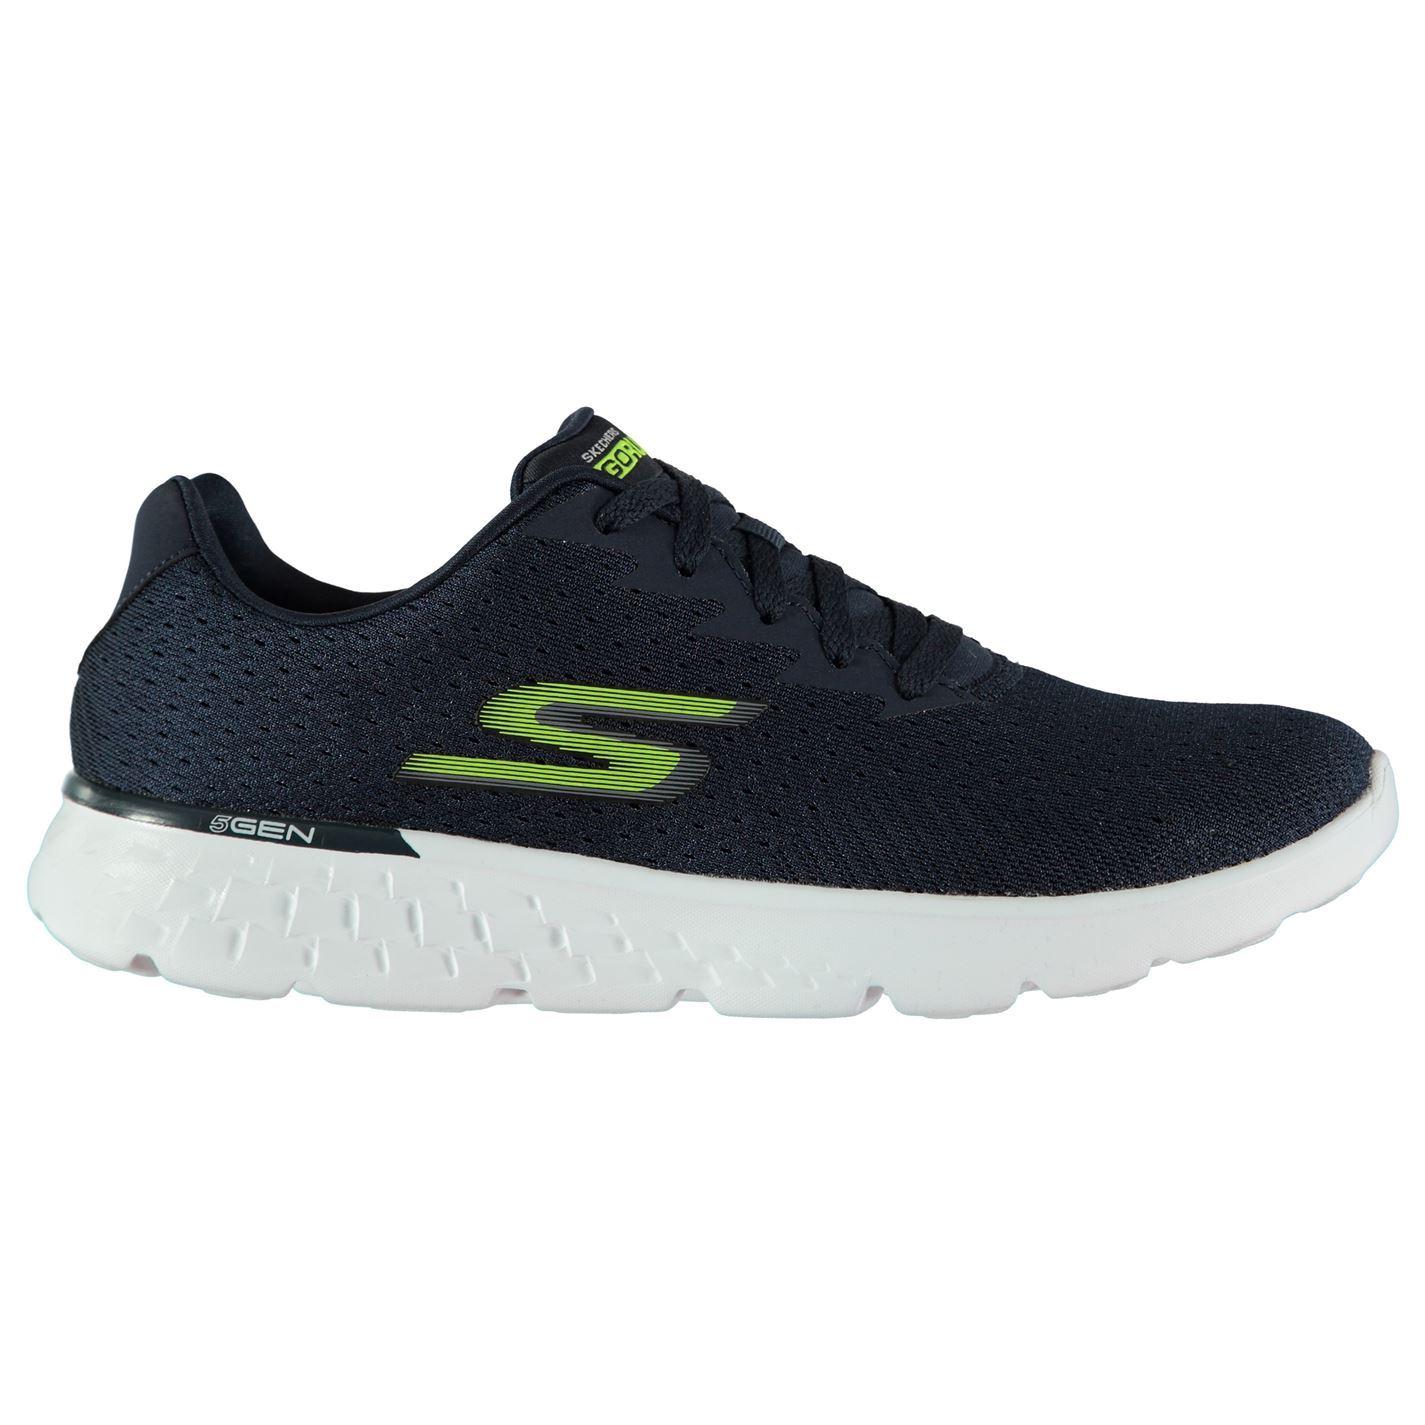 b3735f46d4a Fitness Hommes Baskets Jogging Running Gorun 400 Skechers Shoes  D entraînement SgwxAXRPq